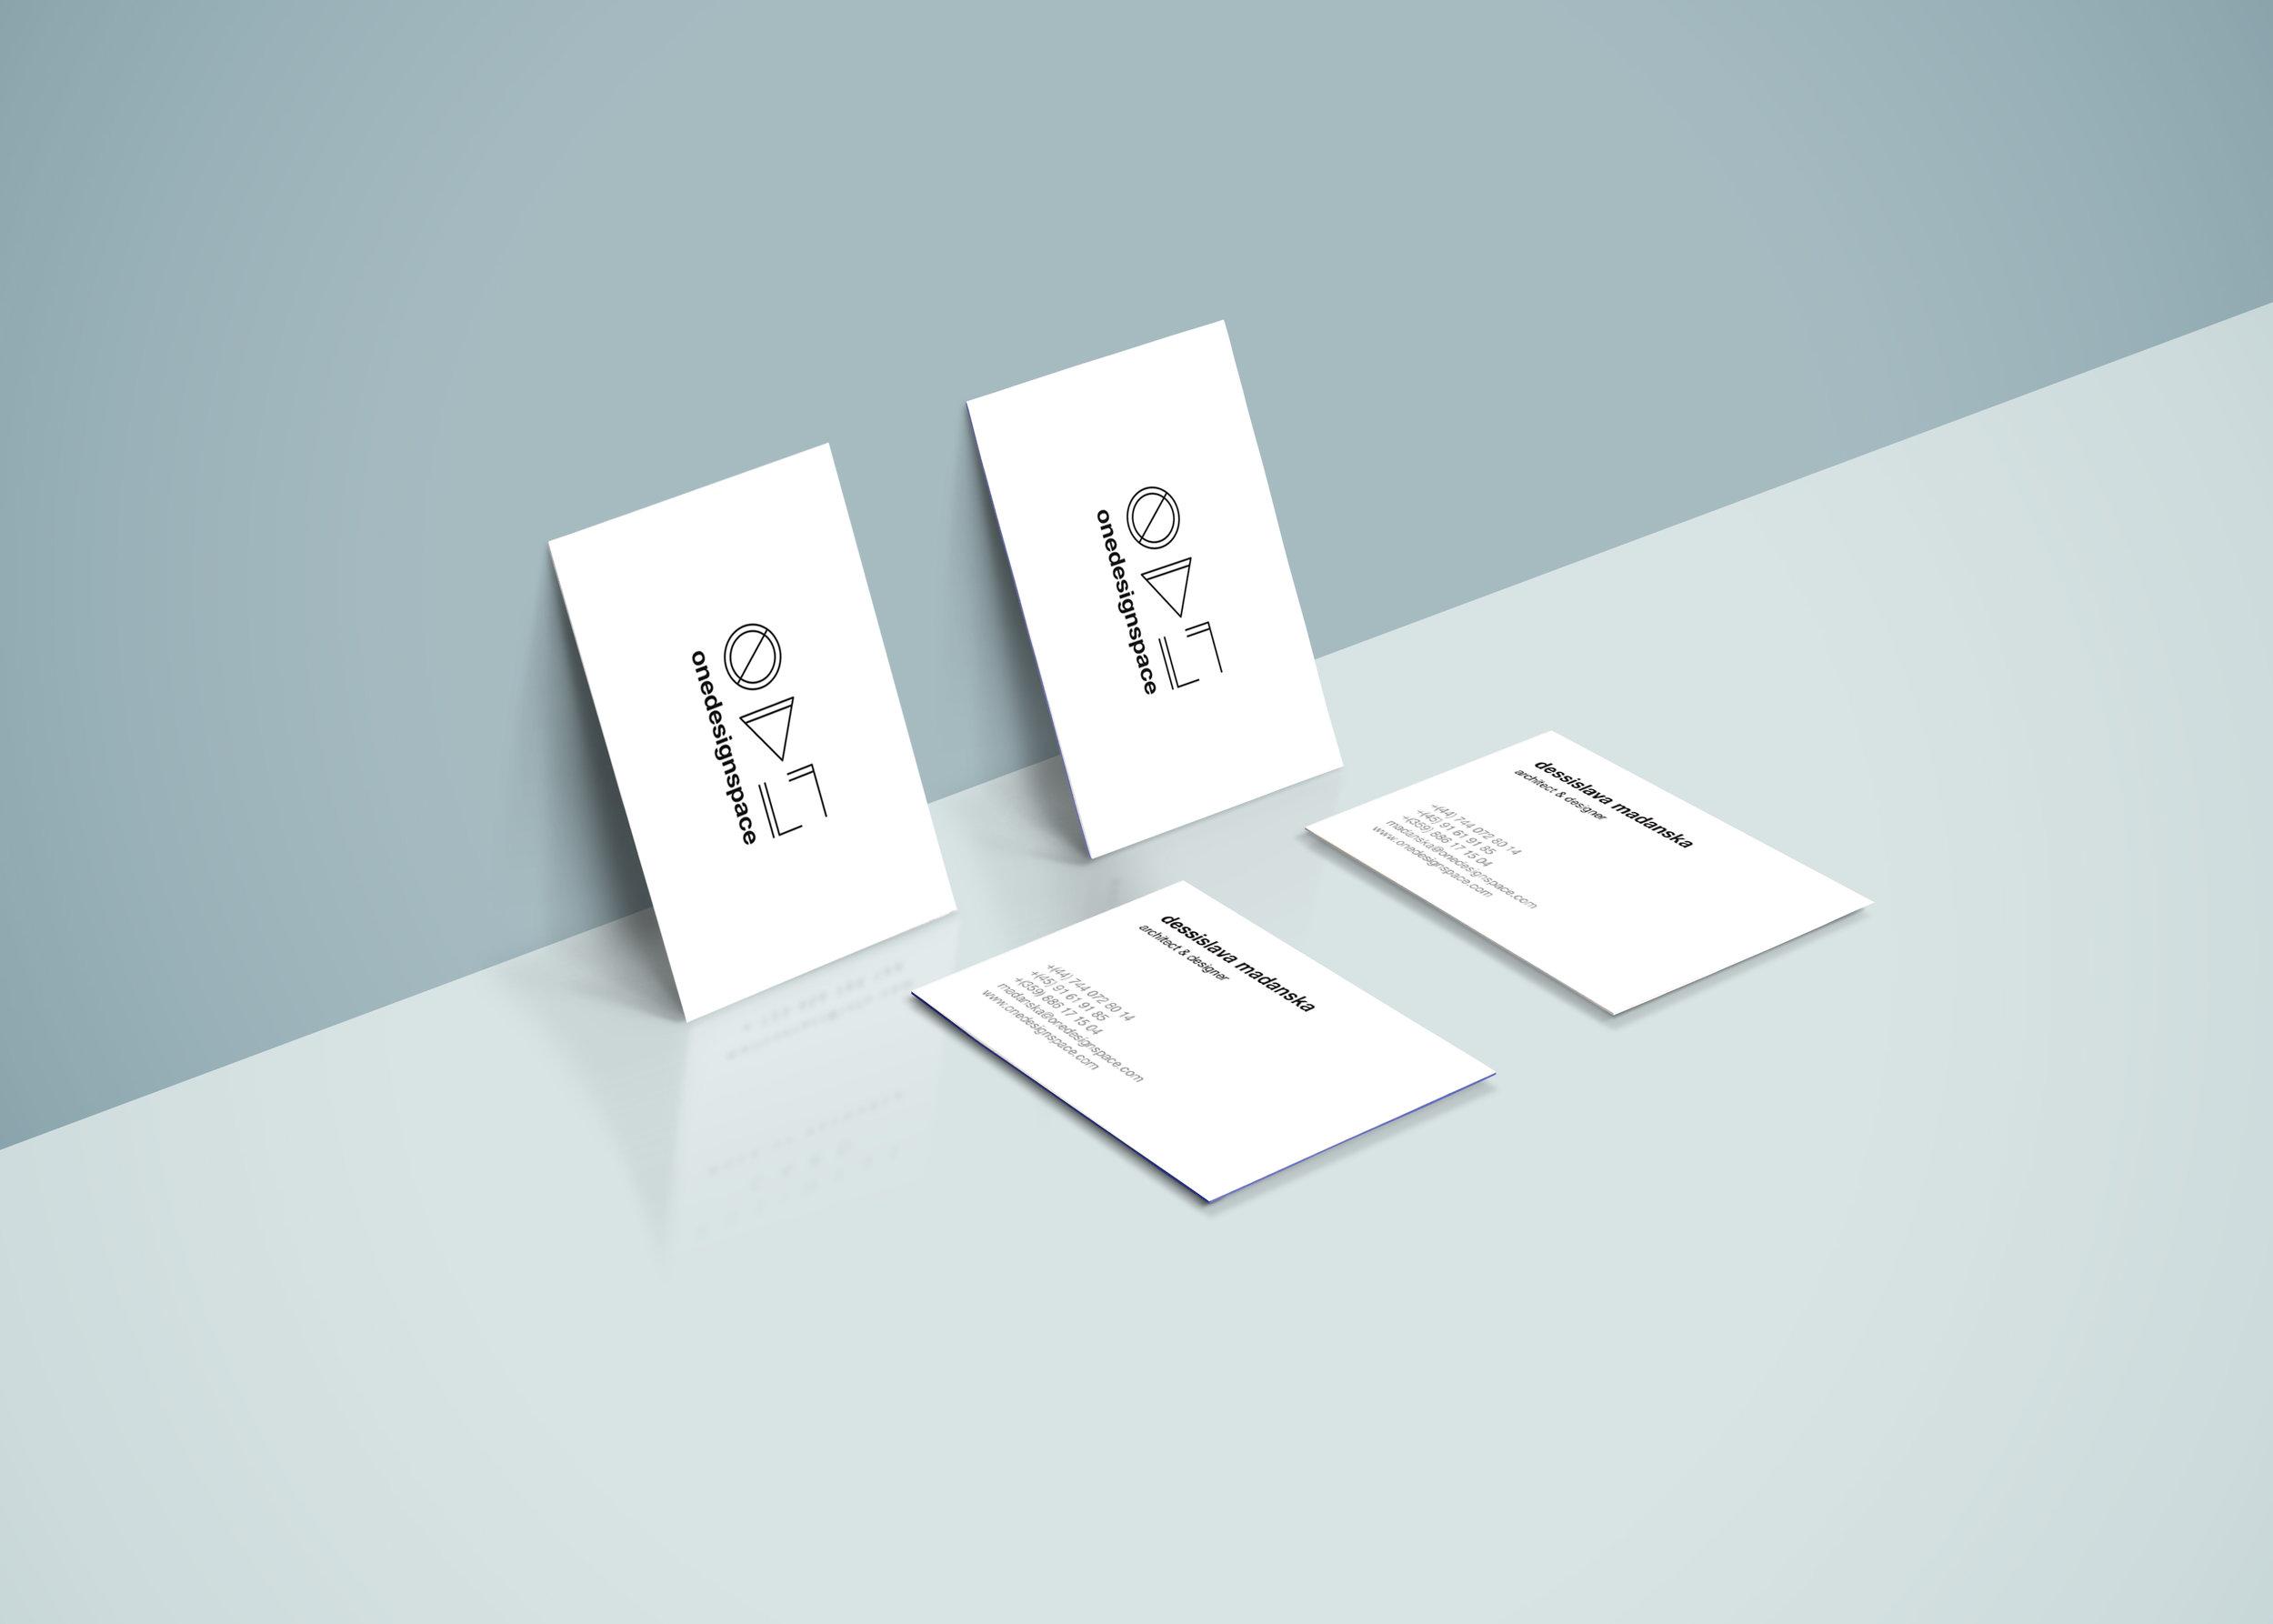 business cards mock up.jpg